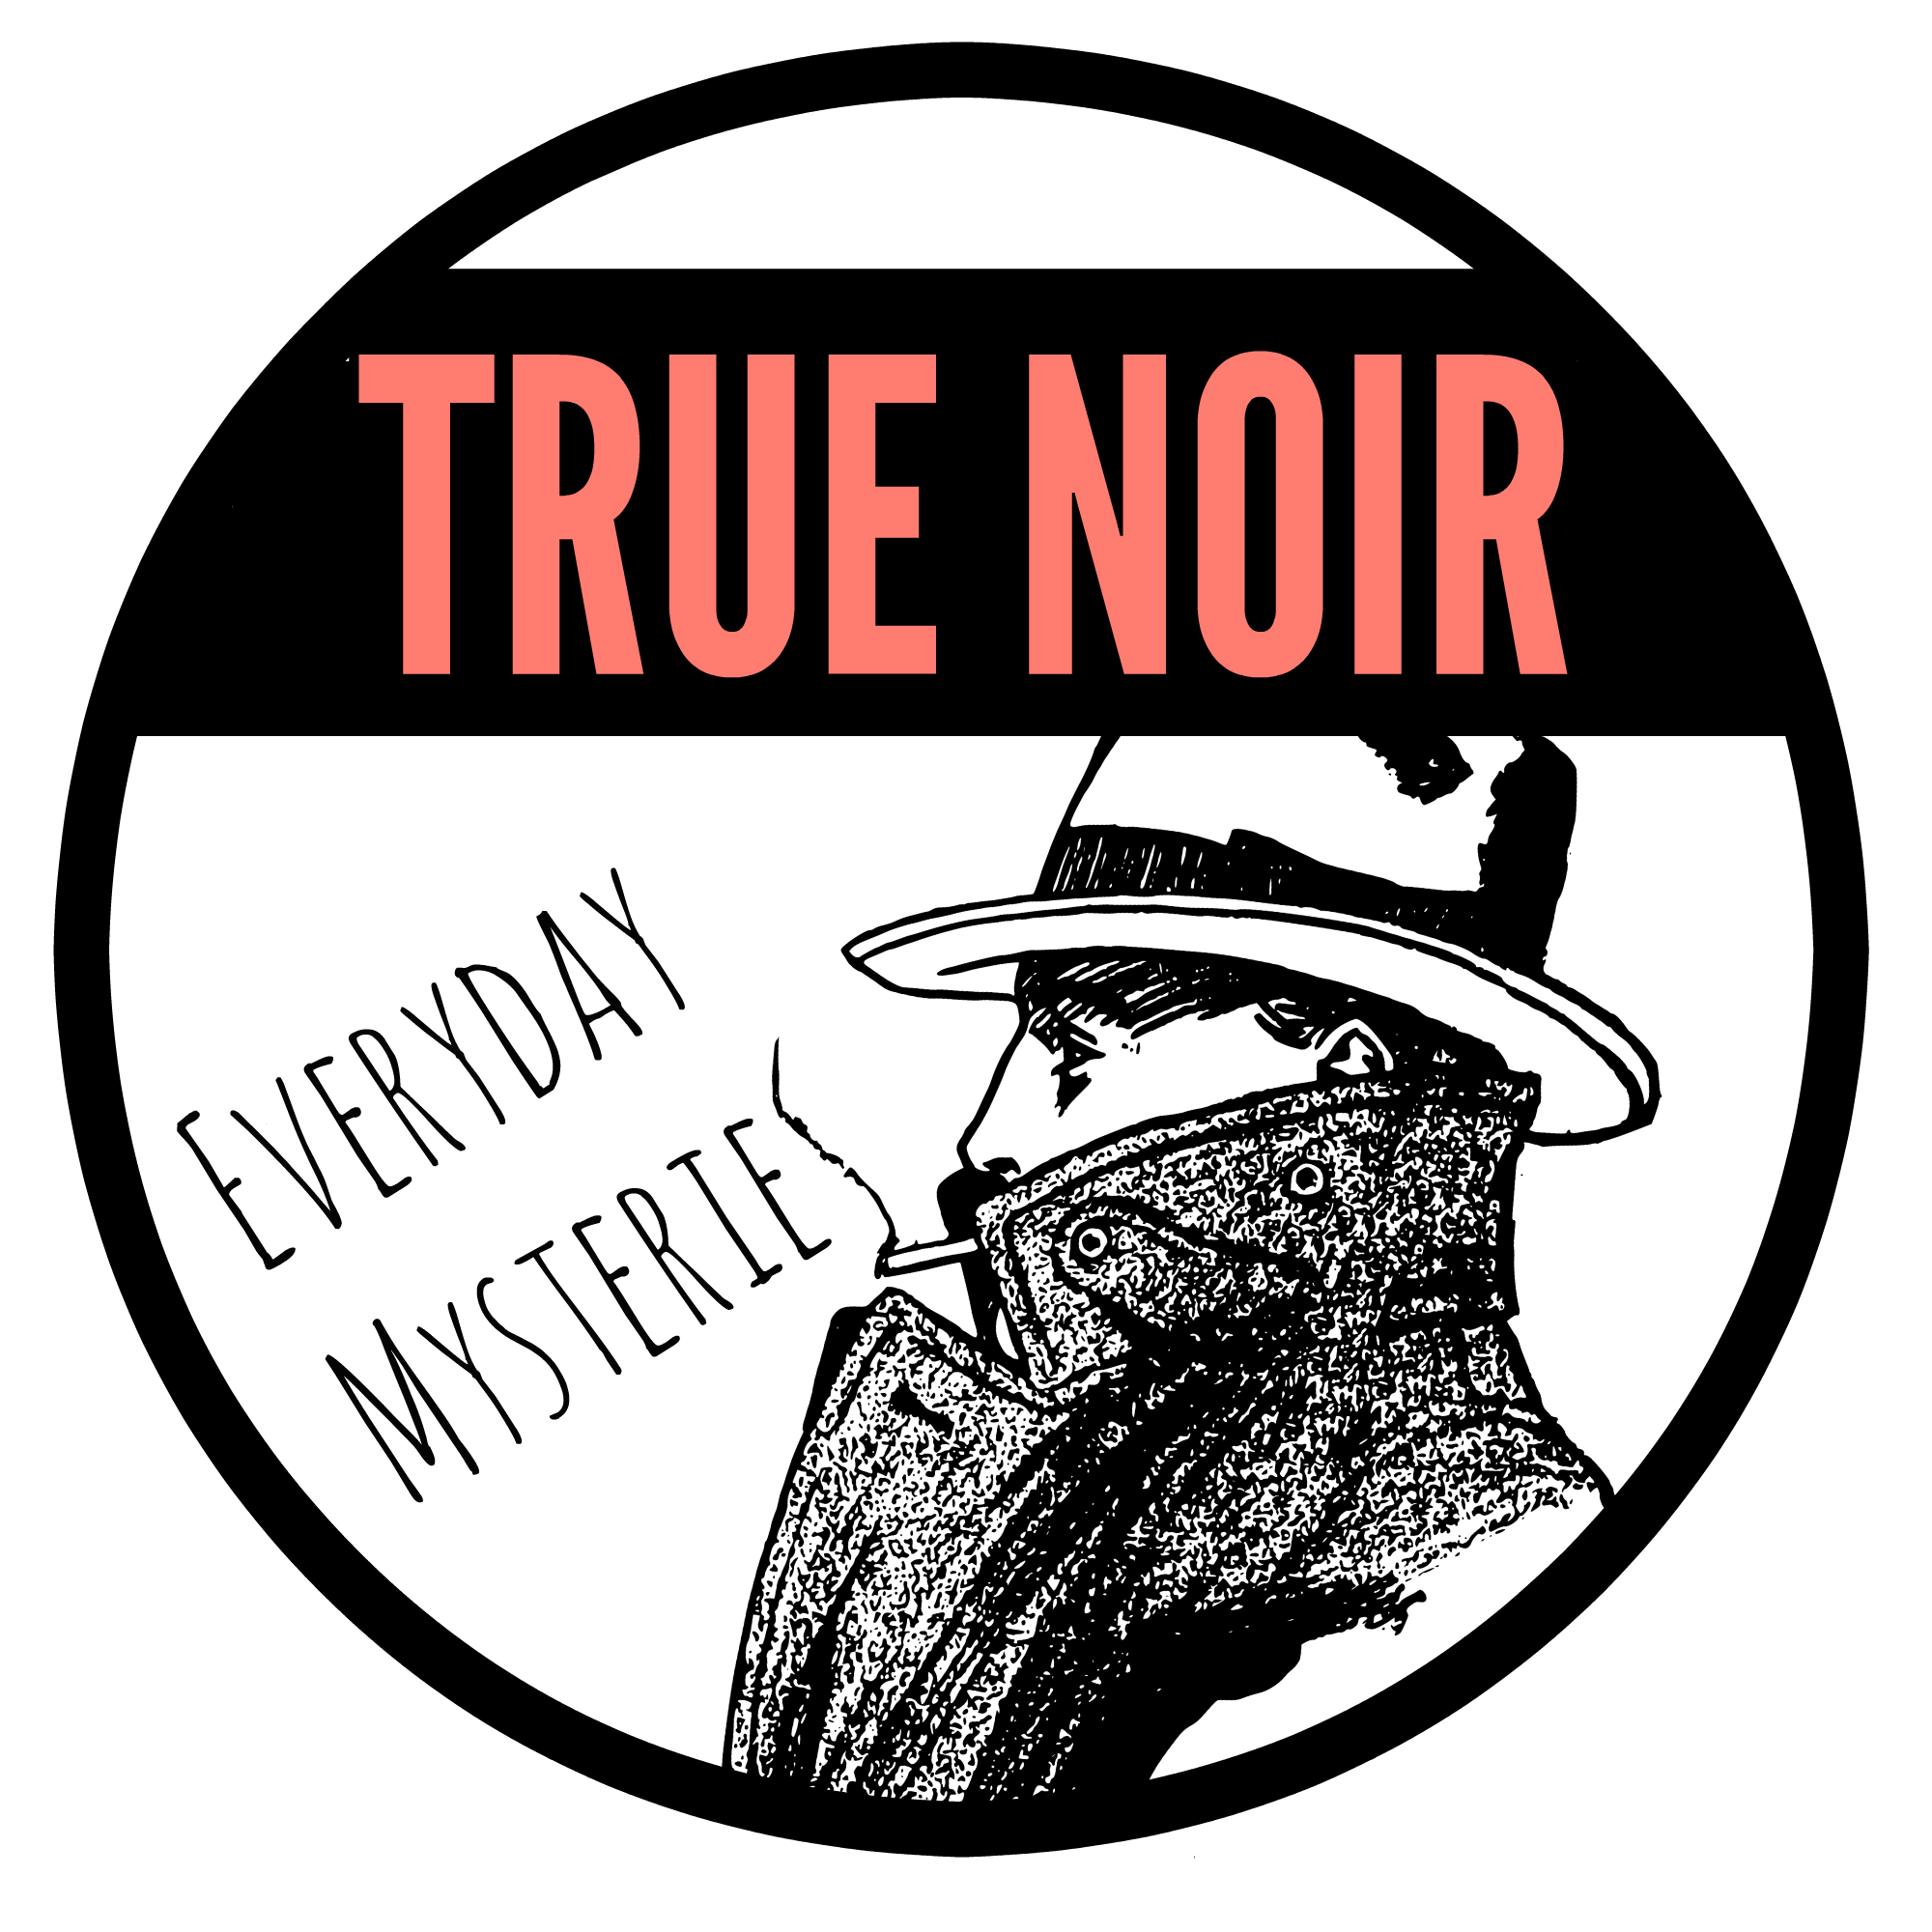 True Noir Sticker 3.png